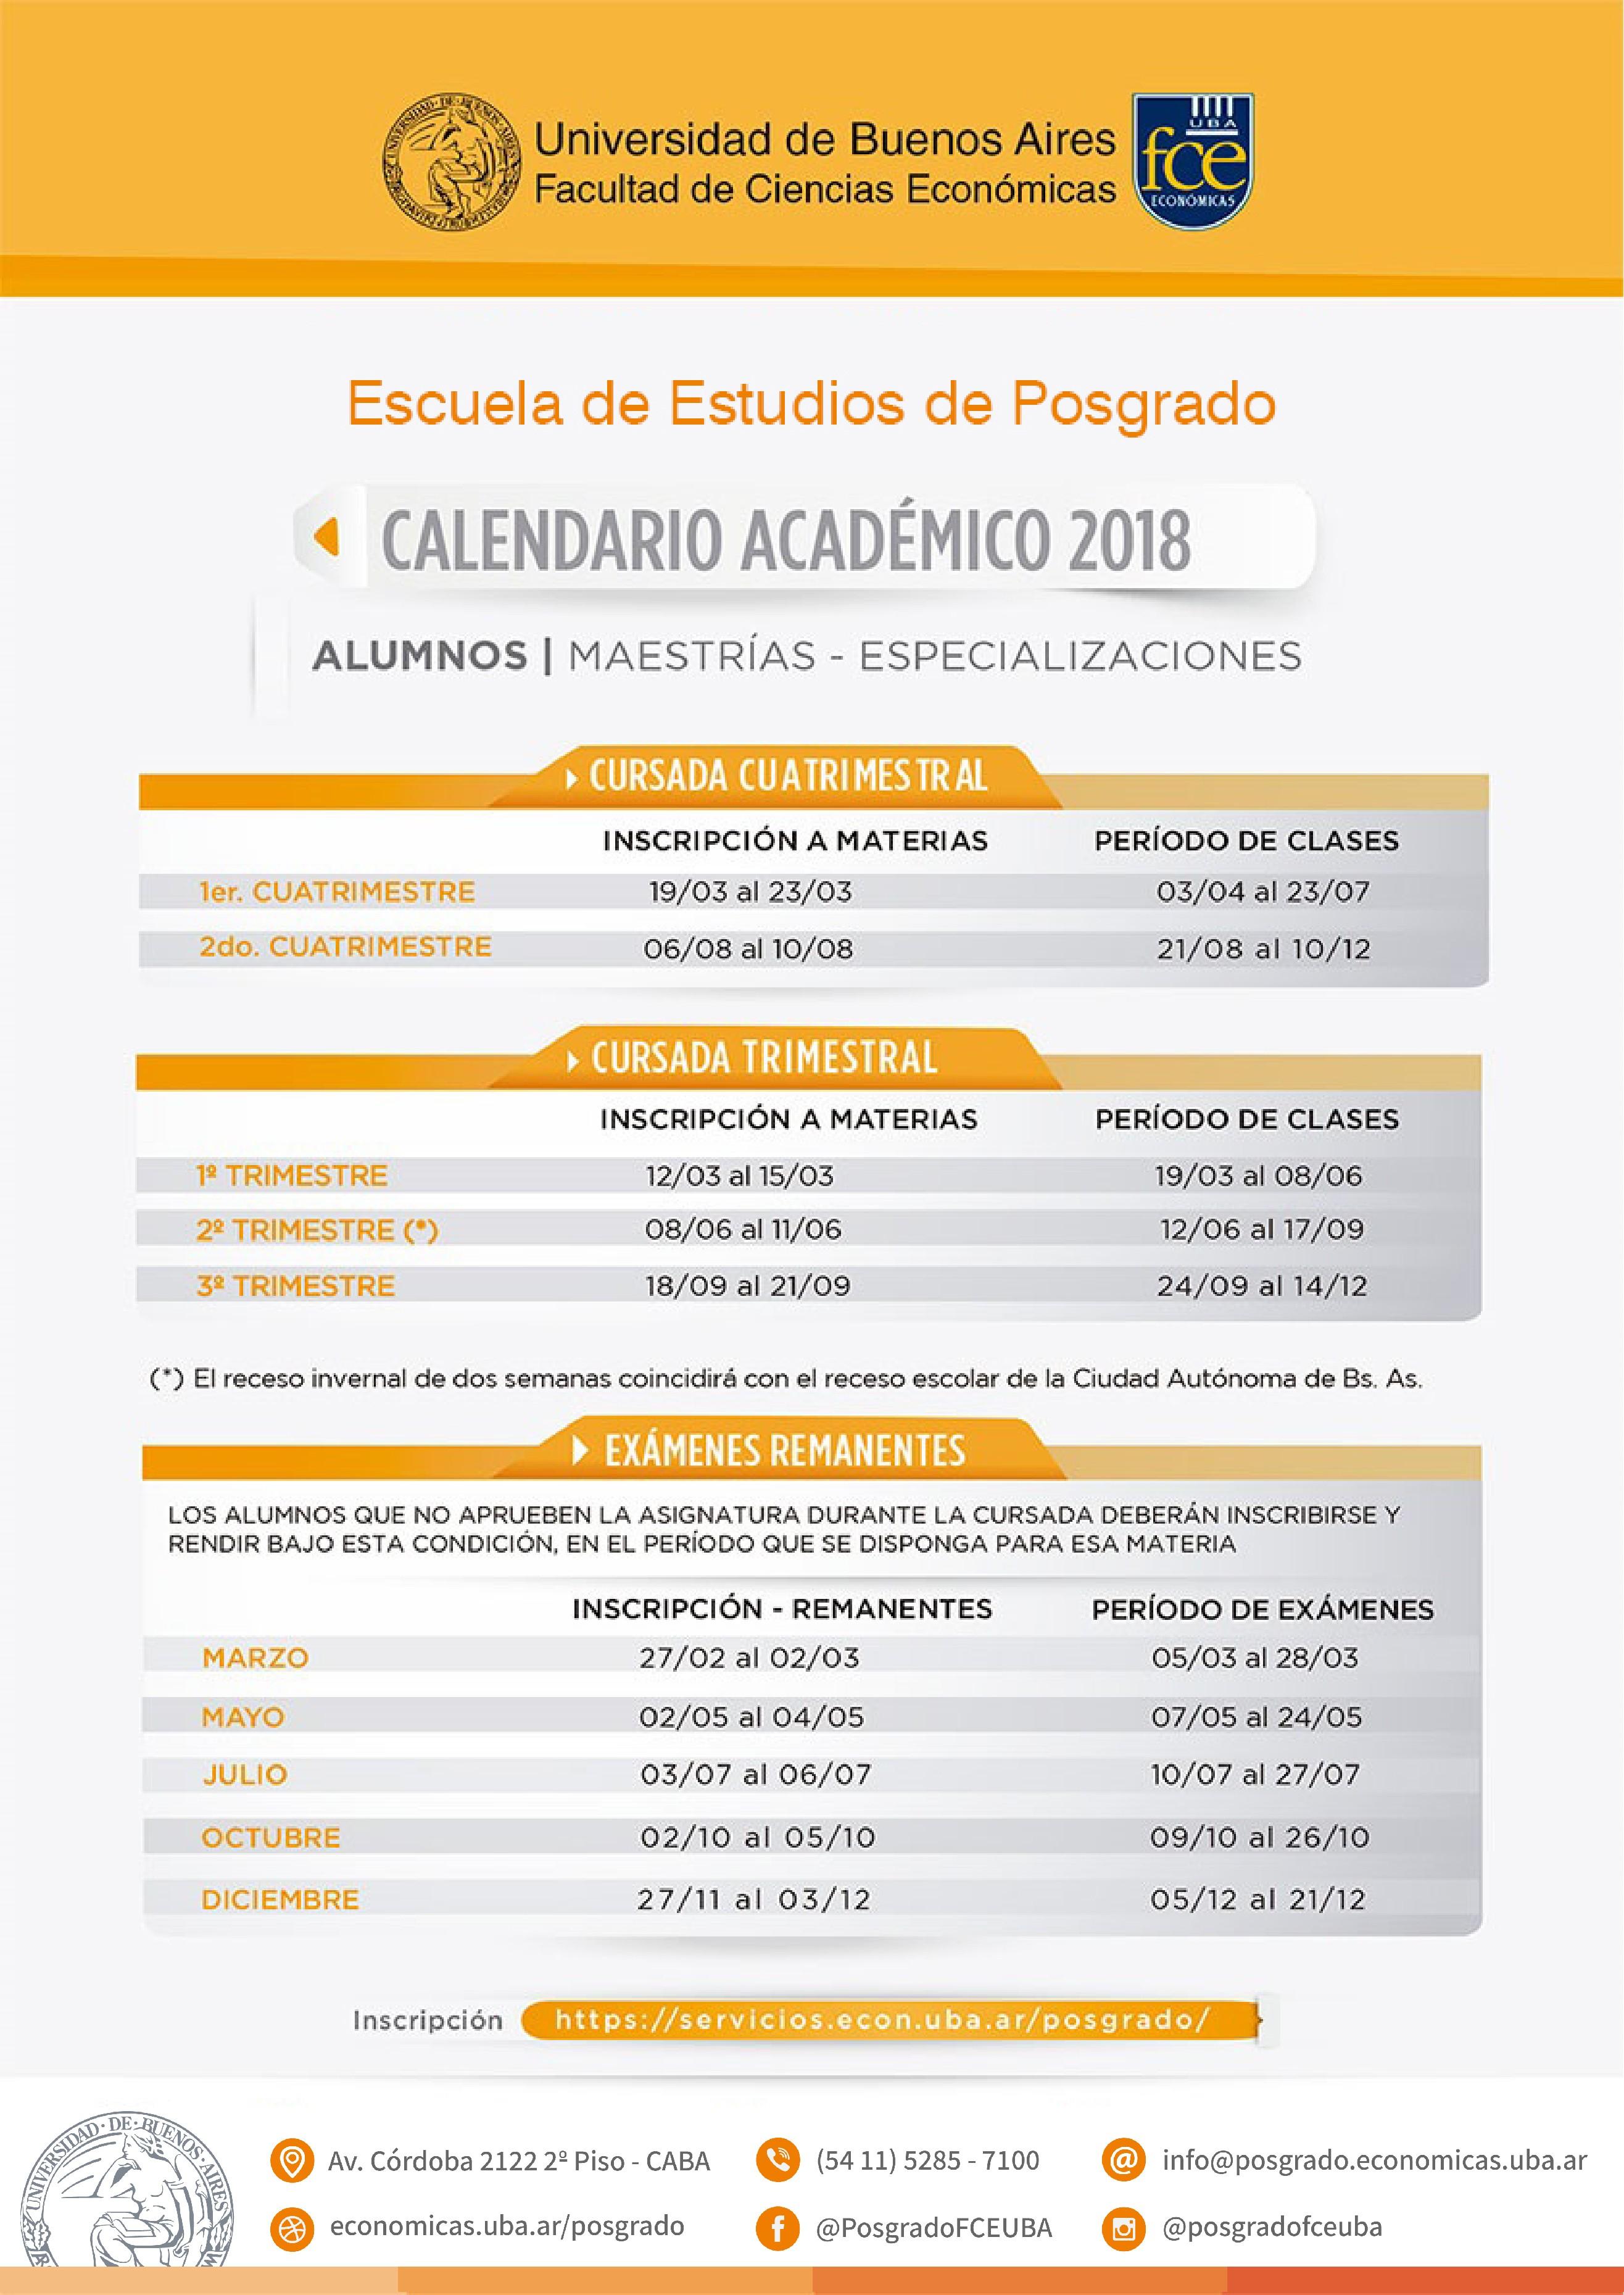 Calendario Escolar 2019 Argentina Caba Más Arriba-a-fecha Mbaposgrados Fce – Universidad De Buenos Aires Of Calendario Escolar 2019 Argentina Caba Recientes Impreso 01 Mayo 18 Pages 1 40 Text Version